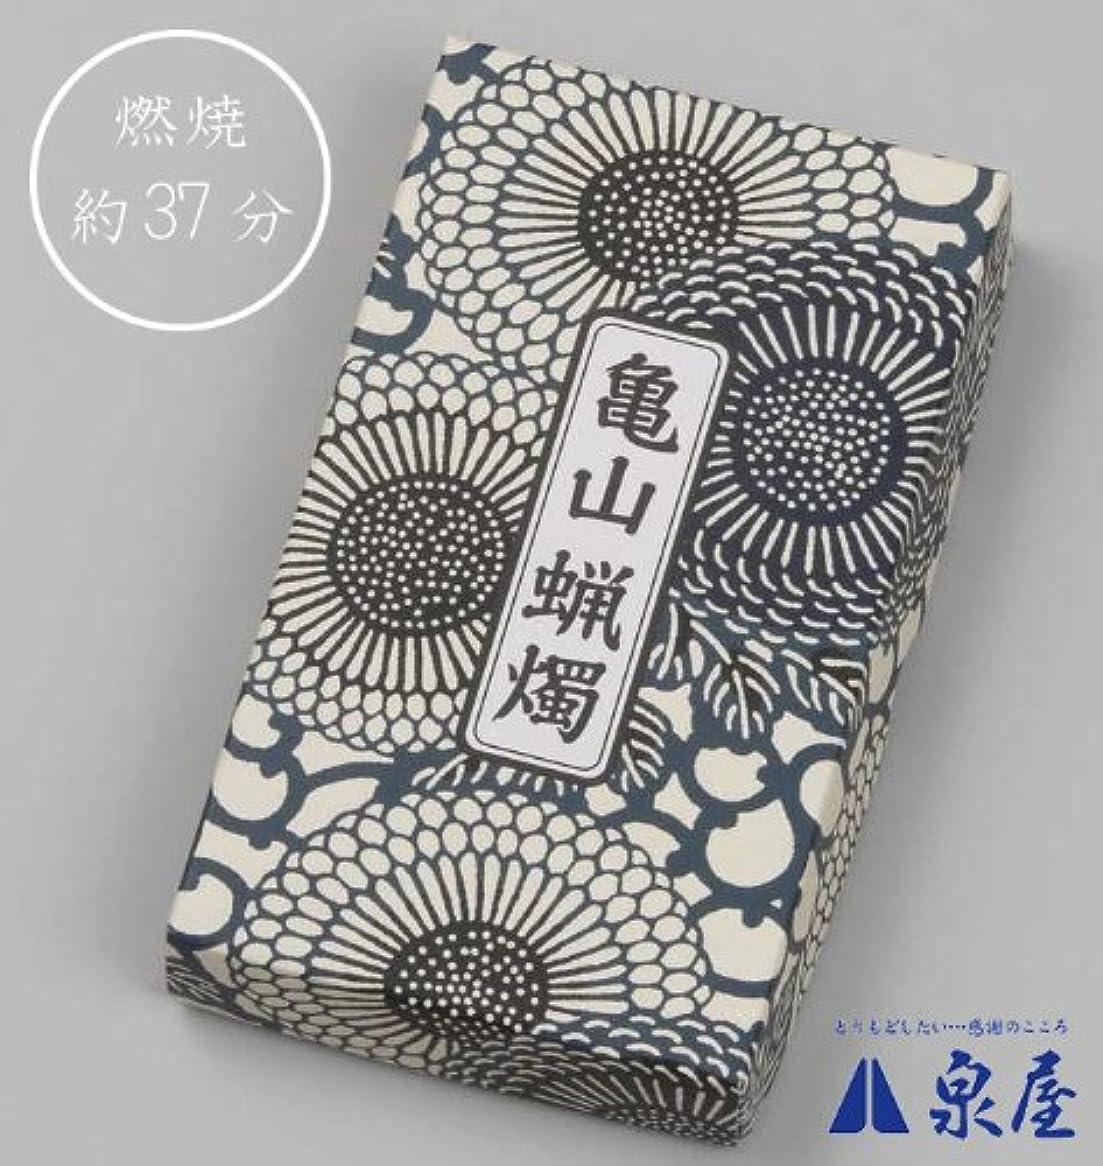 退屈な小石ラフ睡眠カメヤマ小ローソク 徳用8号A#155 225g